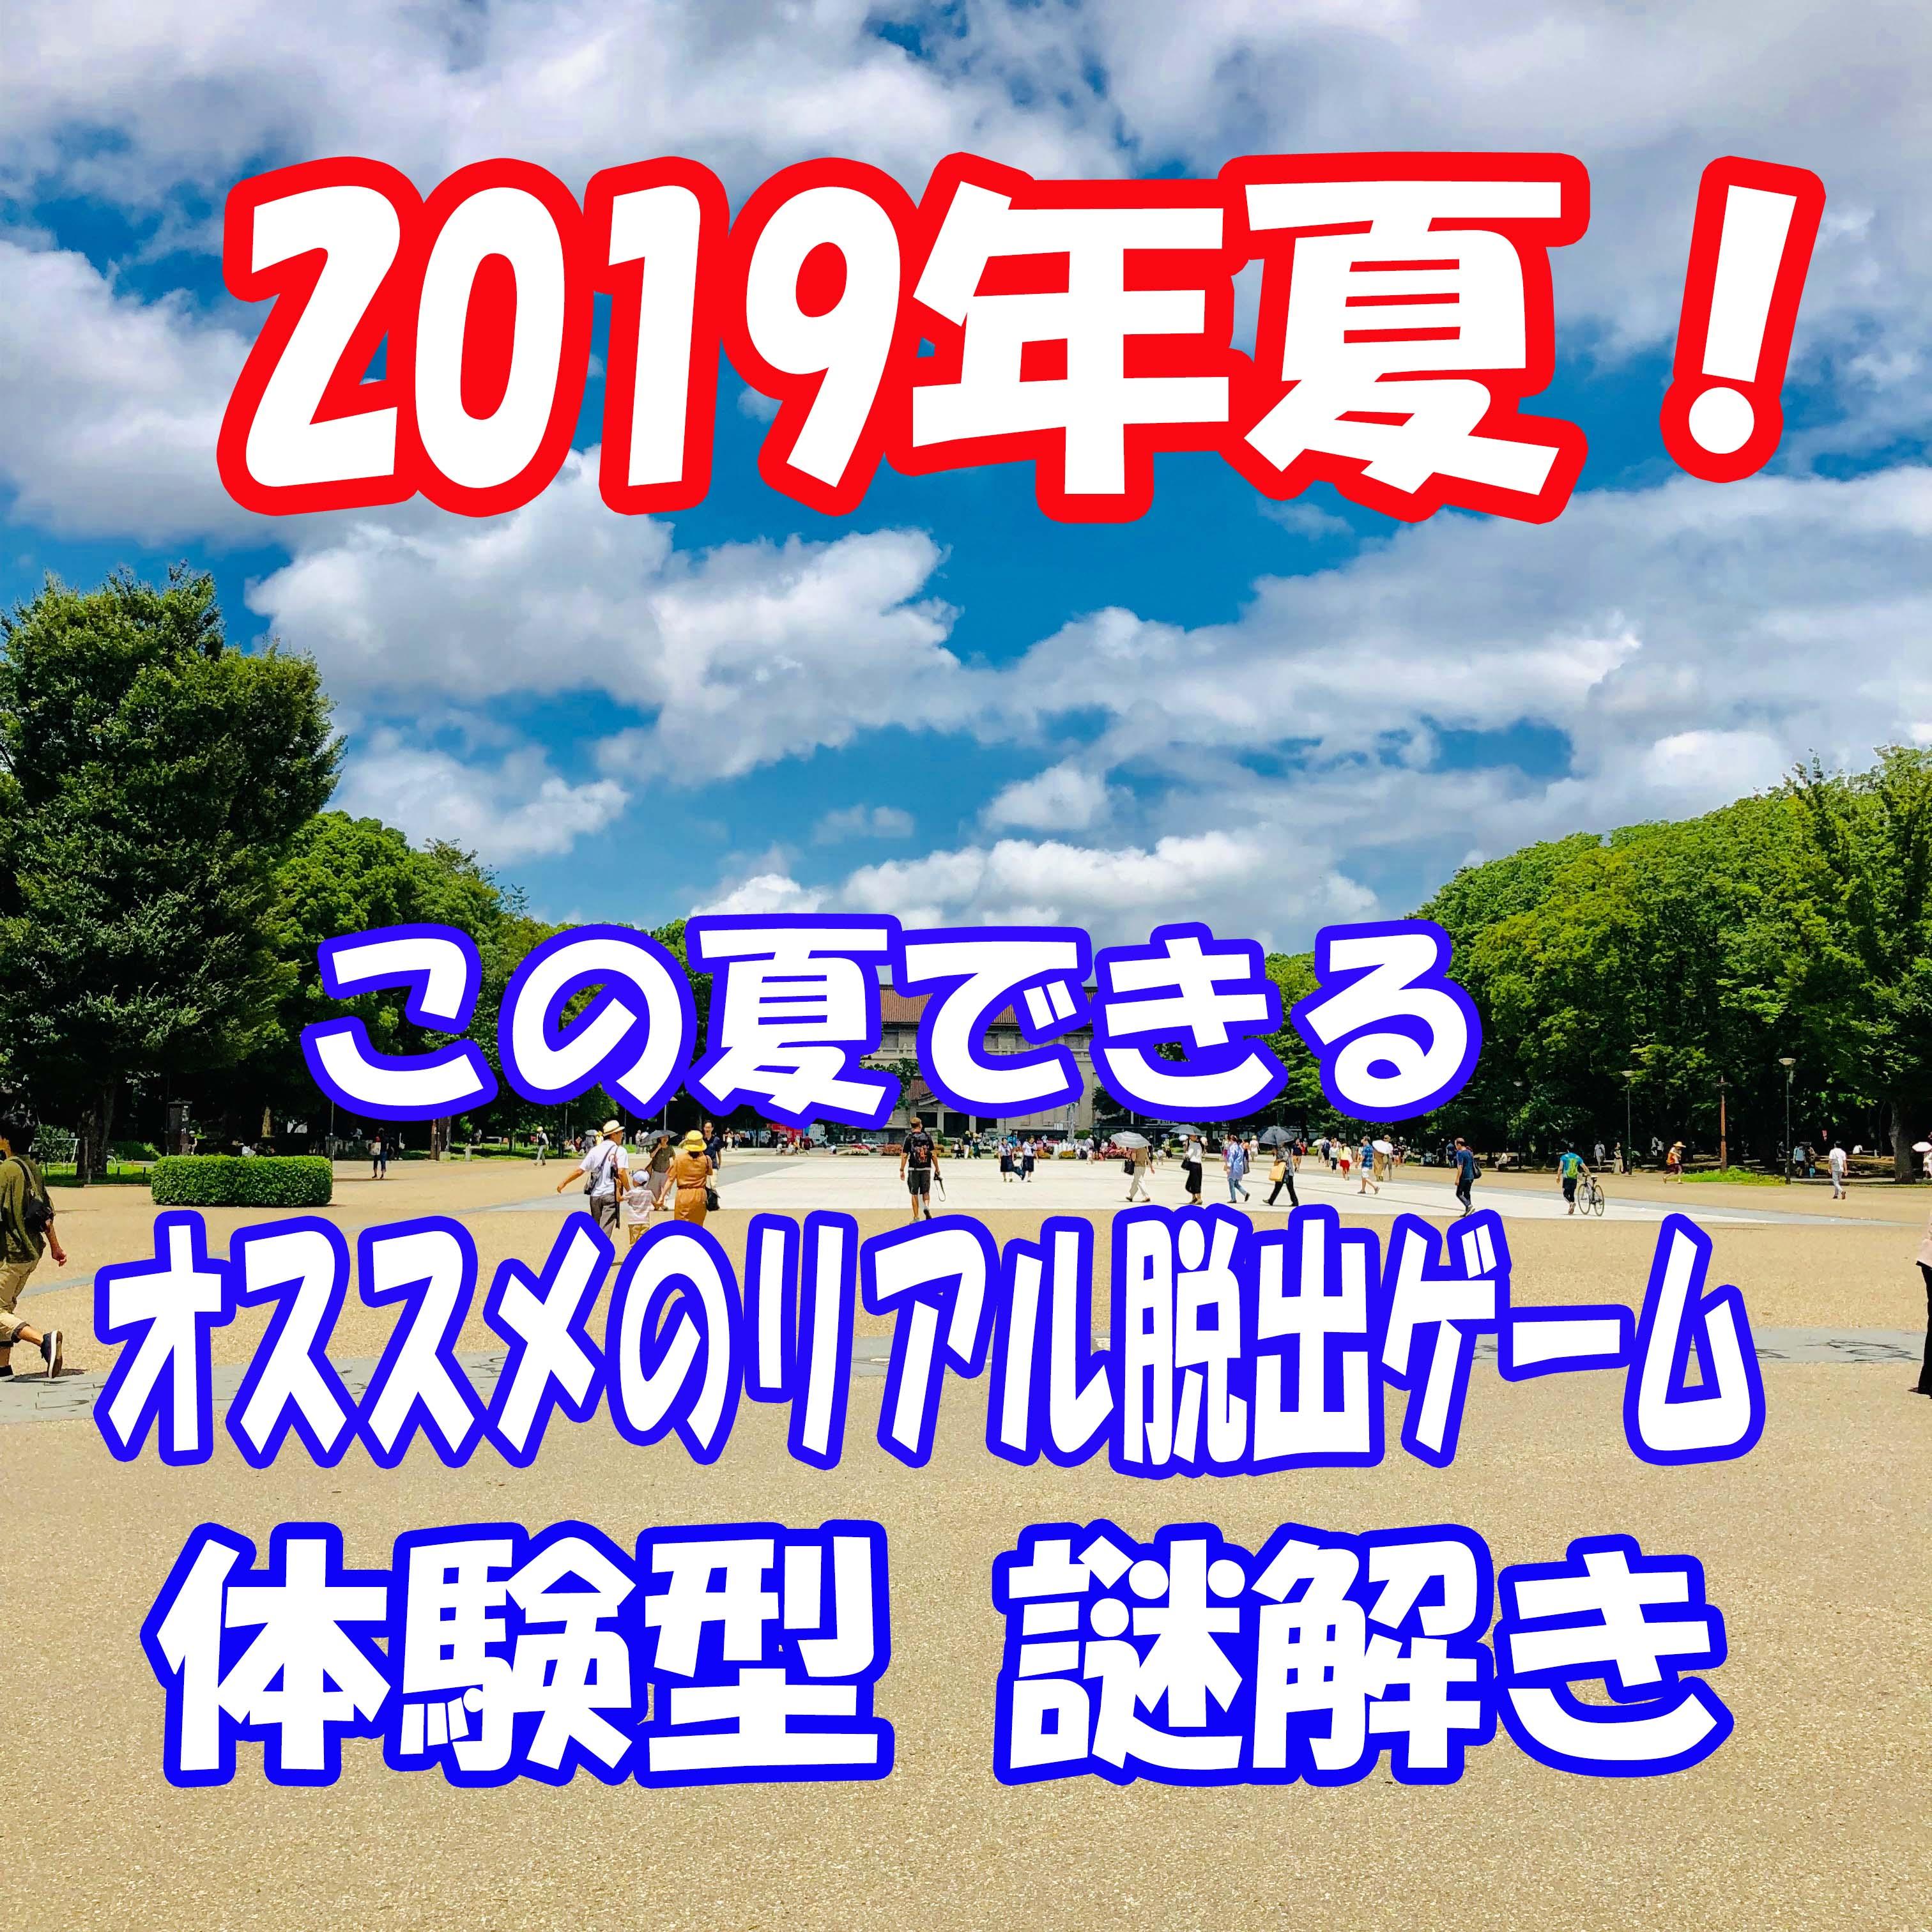 メトロ 謎 解き 大阪